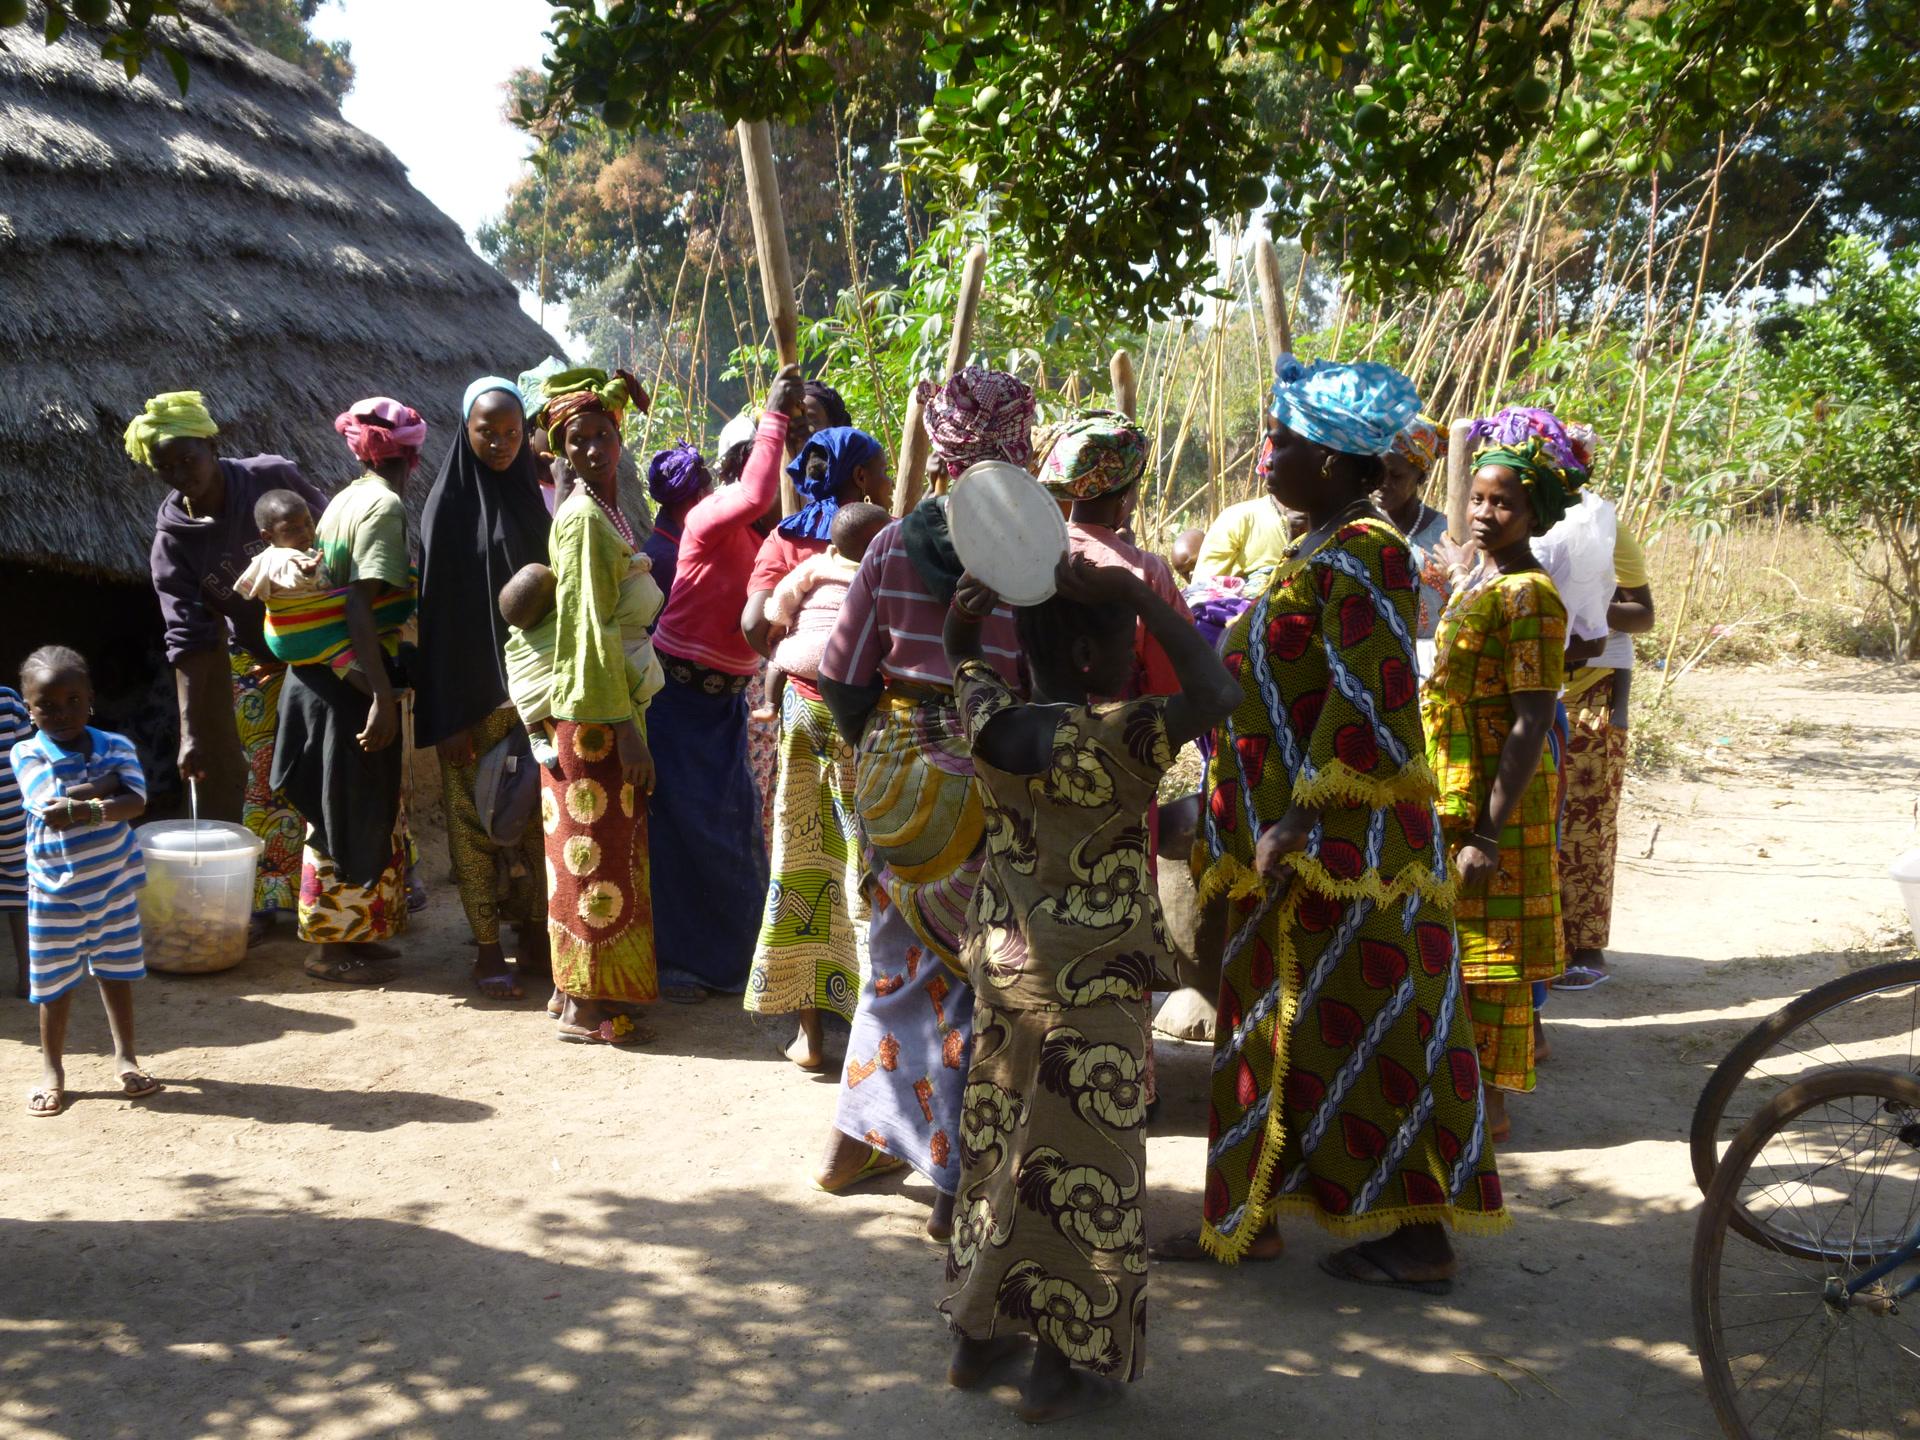 Les femmes du village mansaya faisant la cuisine pour une cérémonie